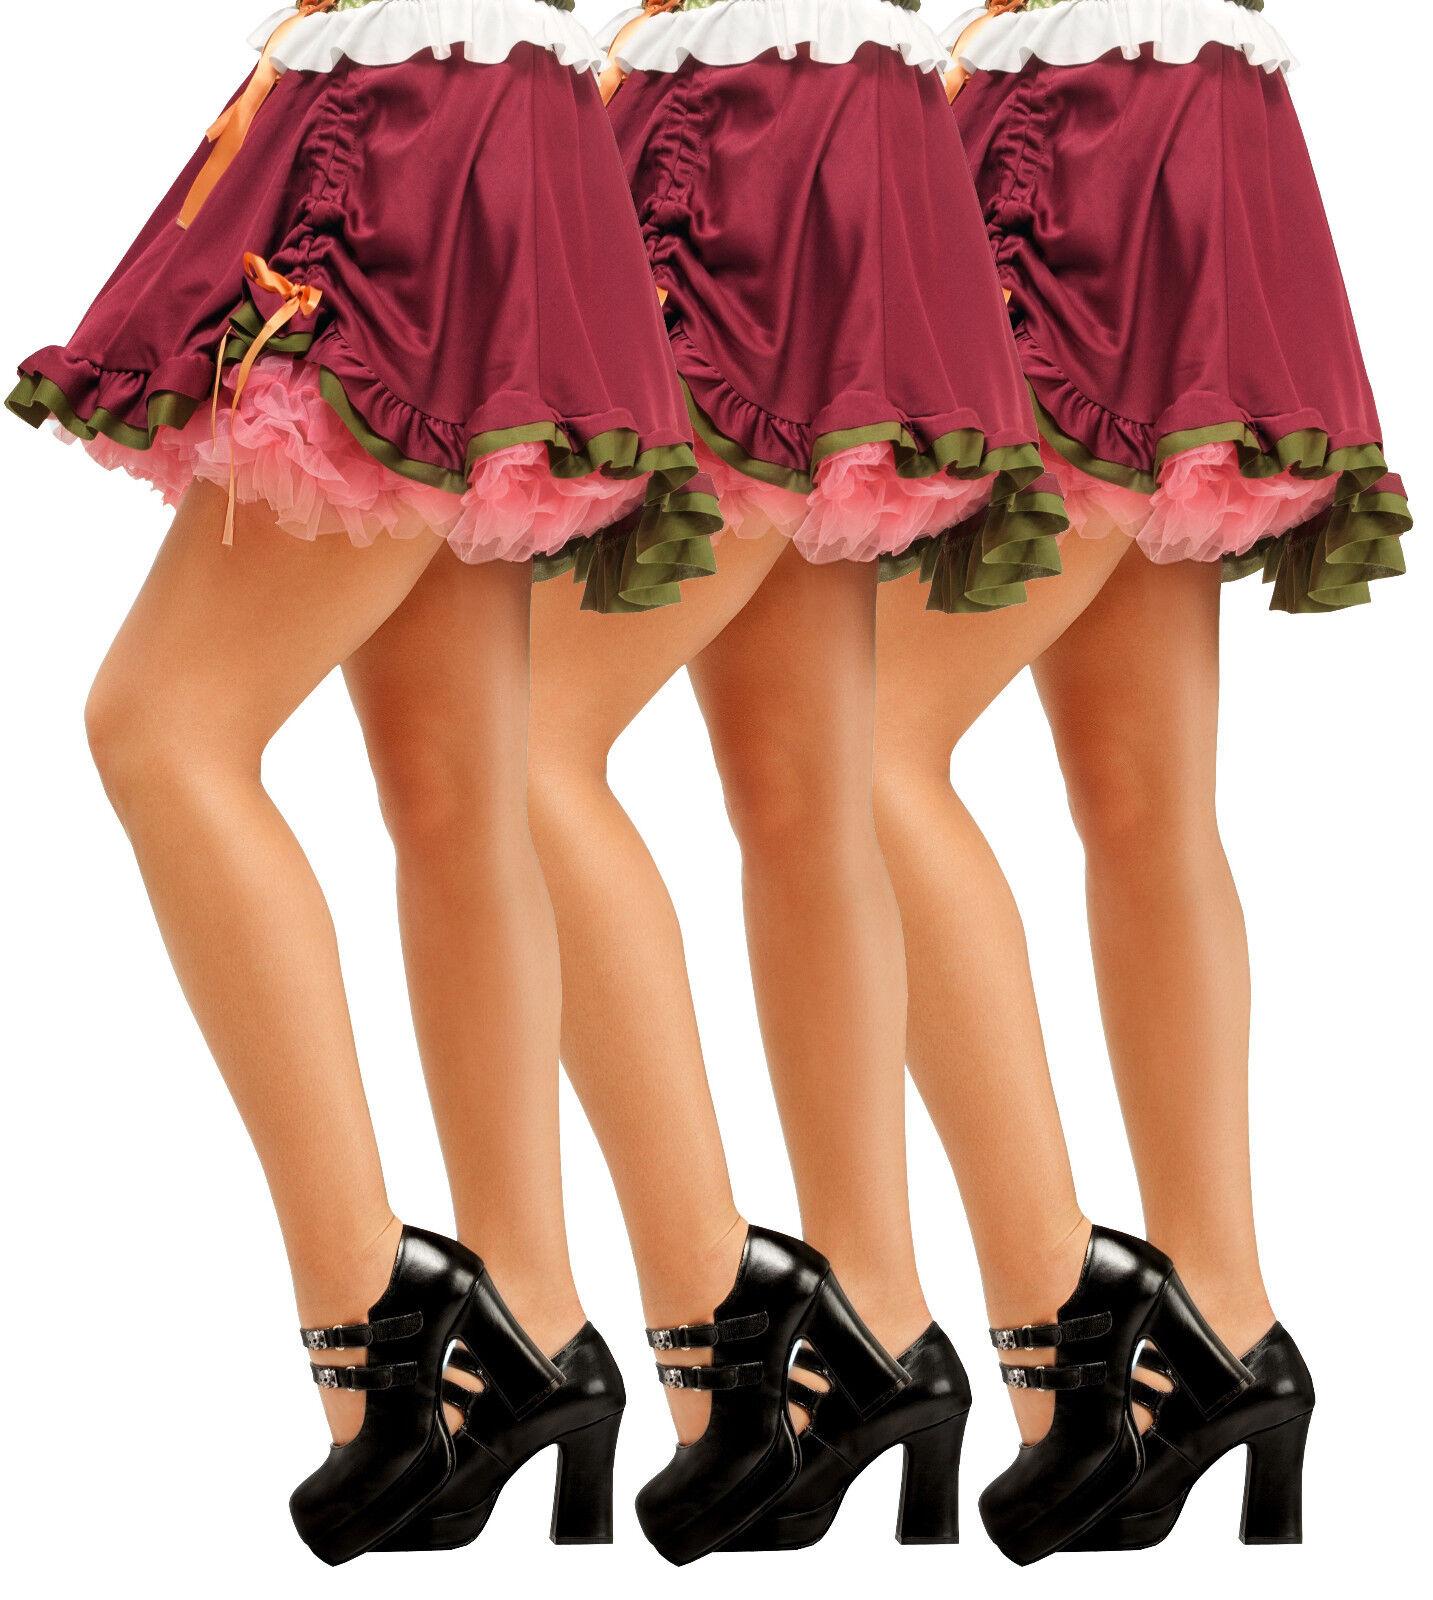 3 Paar Damen Dirndl Strumpfhose Feinstrumpfhose 20Den Glanzstrumpfhose Trachten